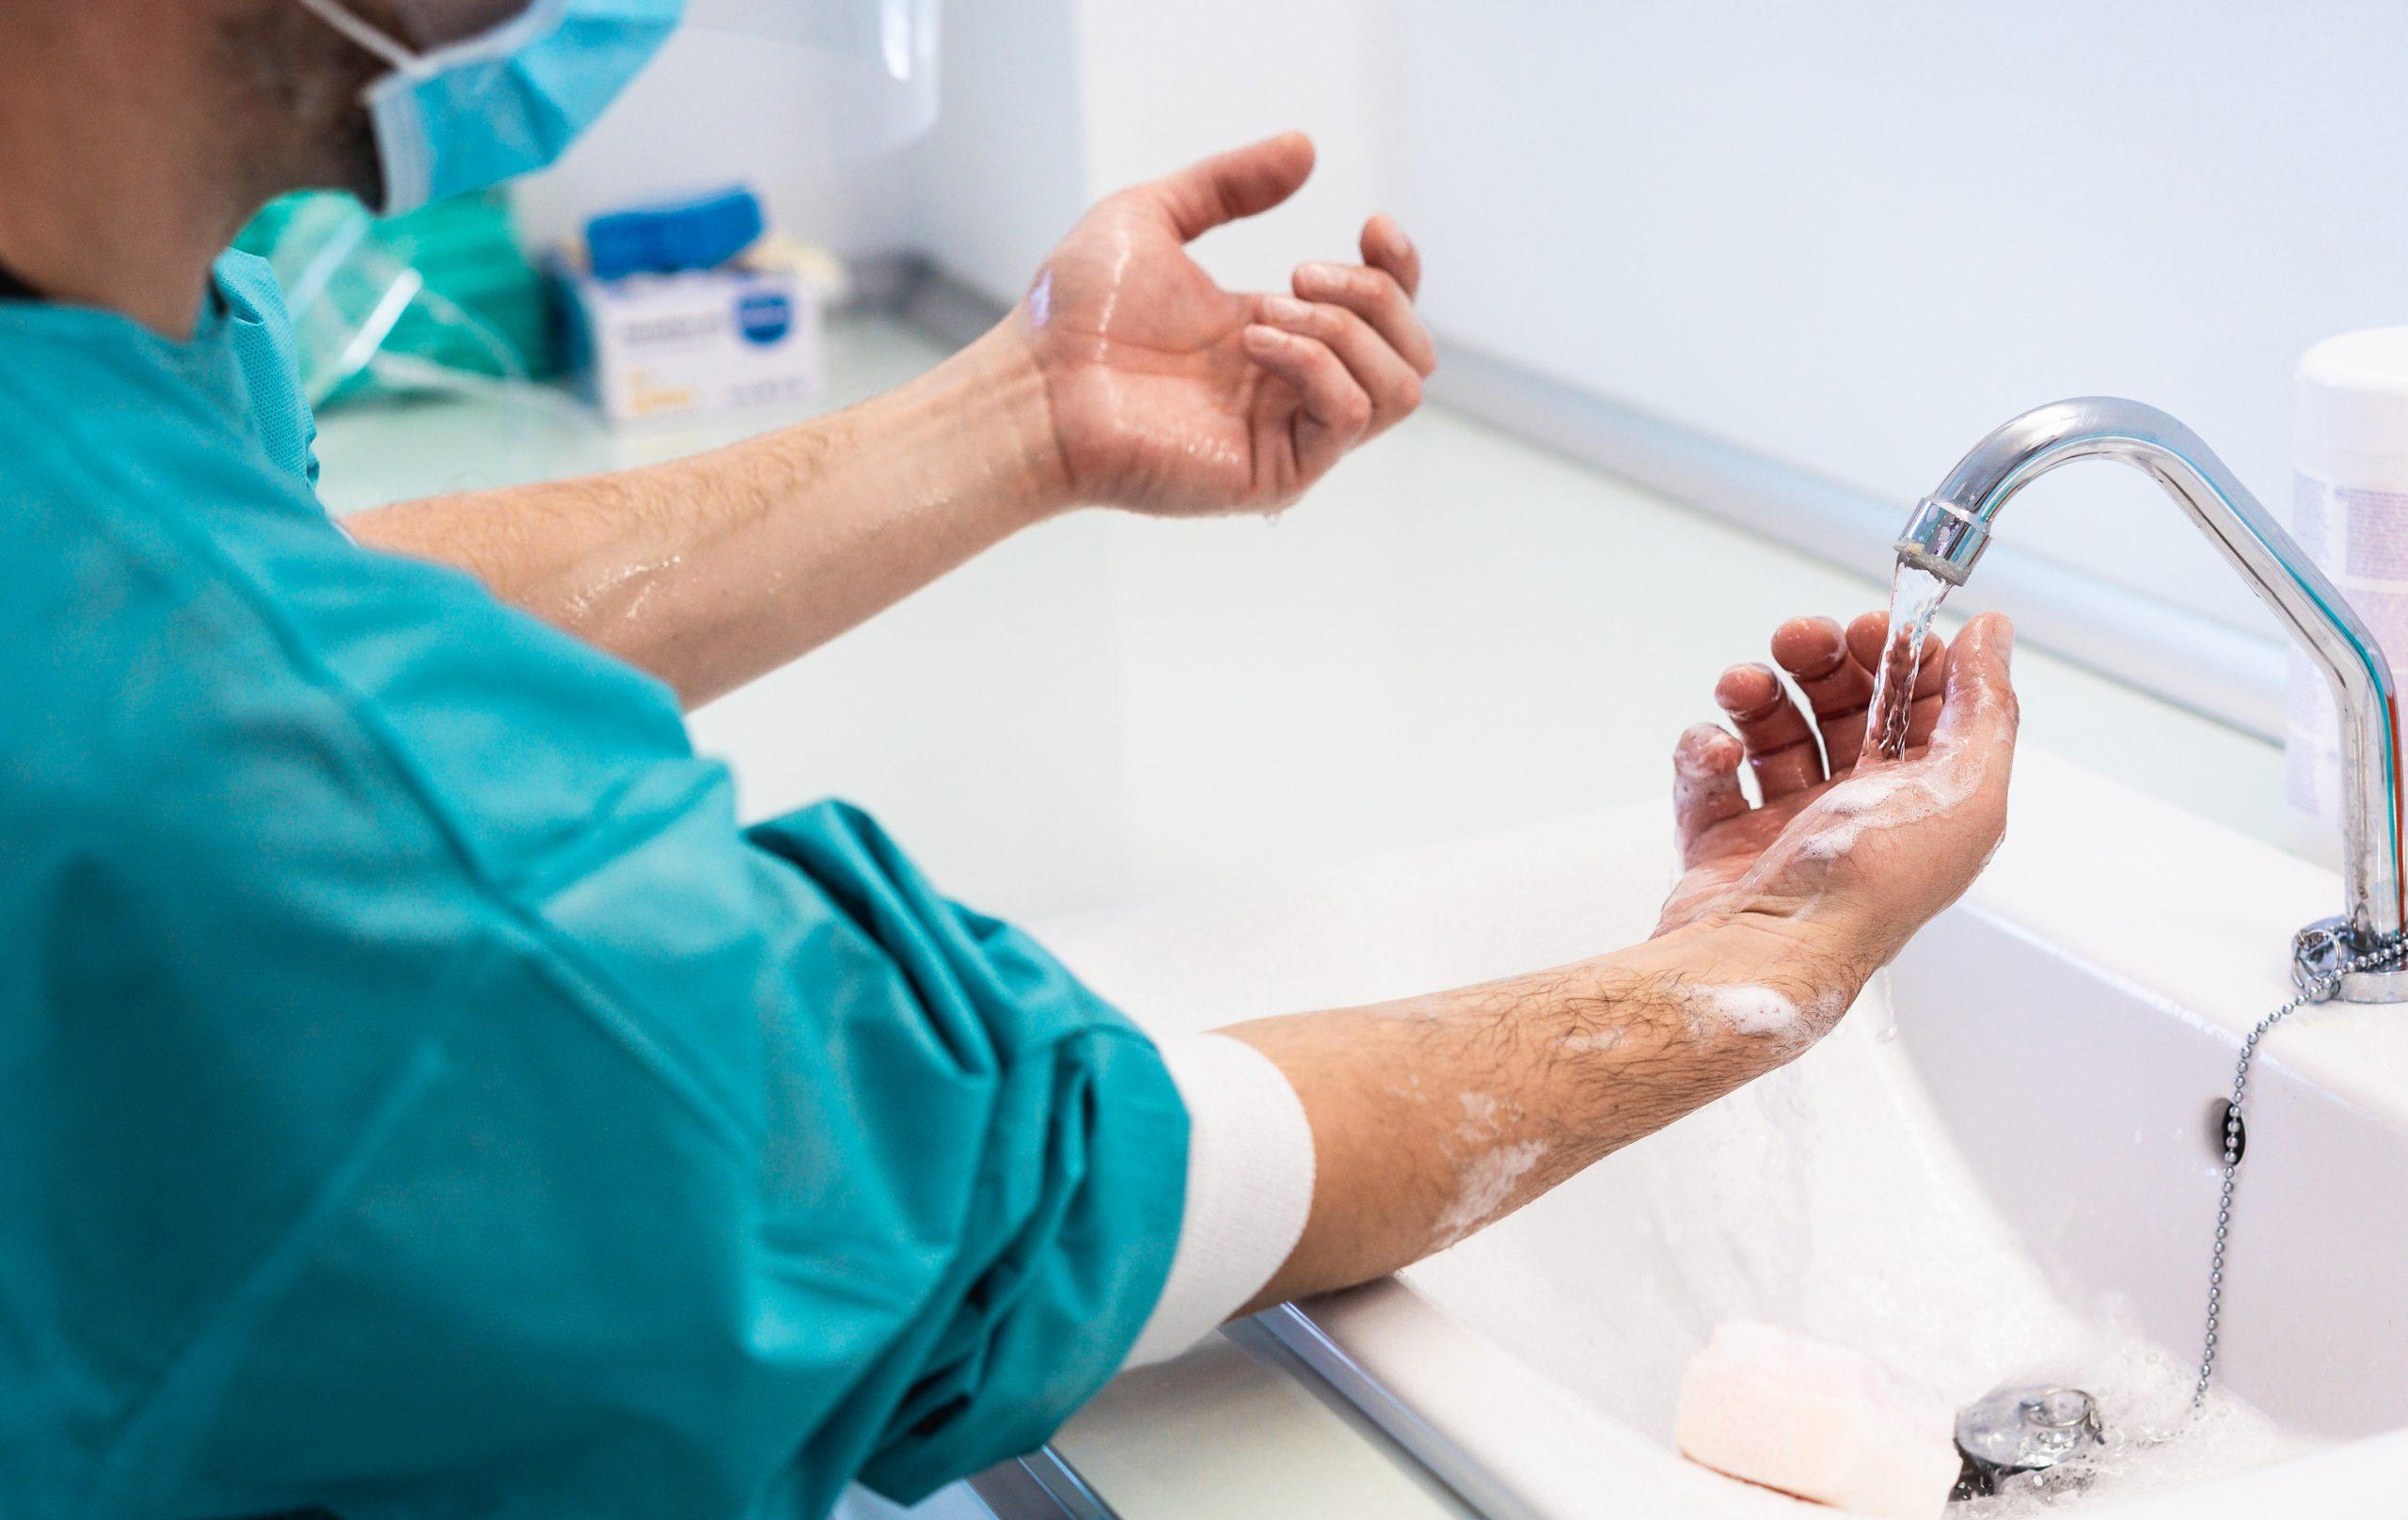 医師が手洗いをしている